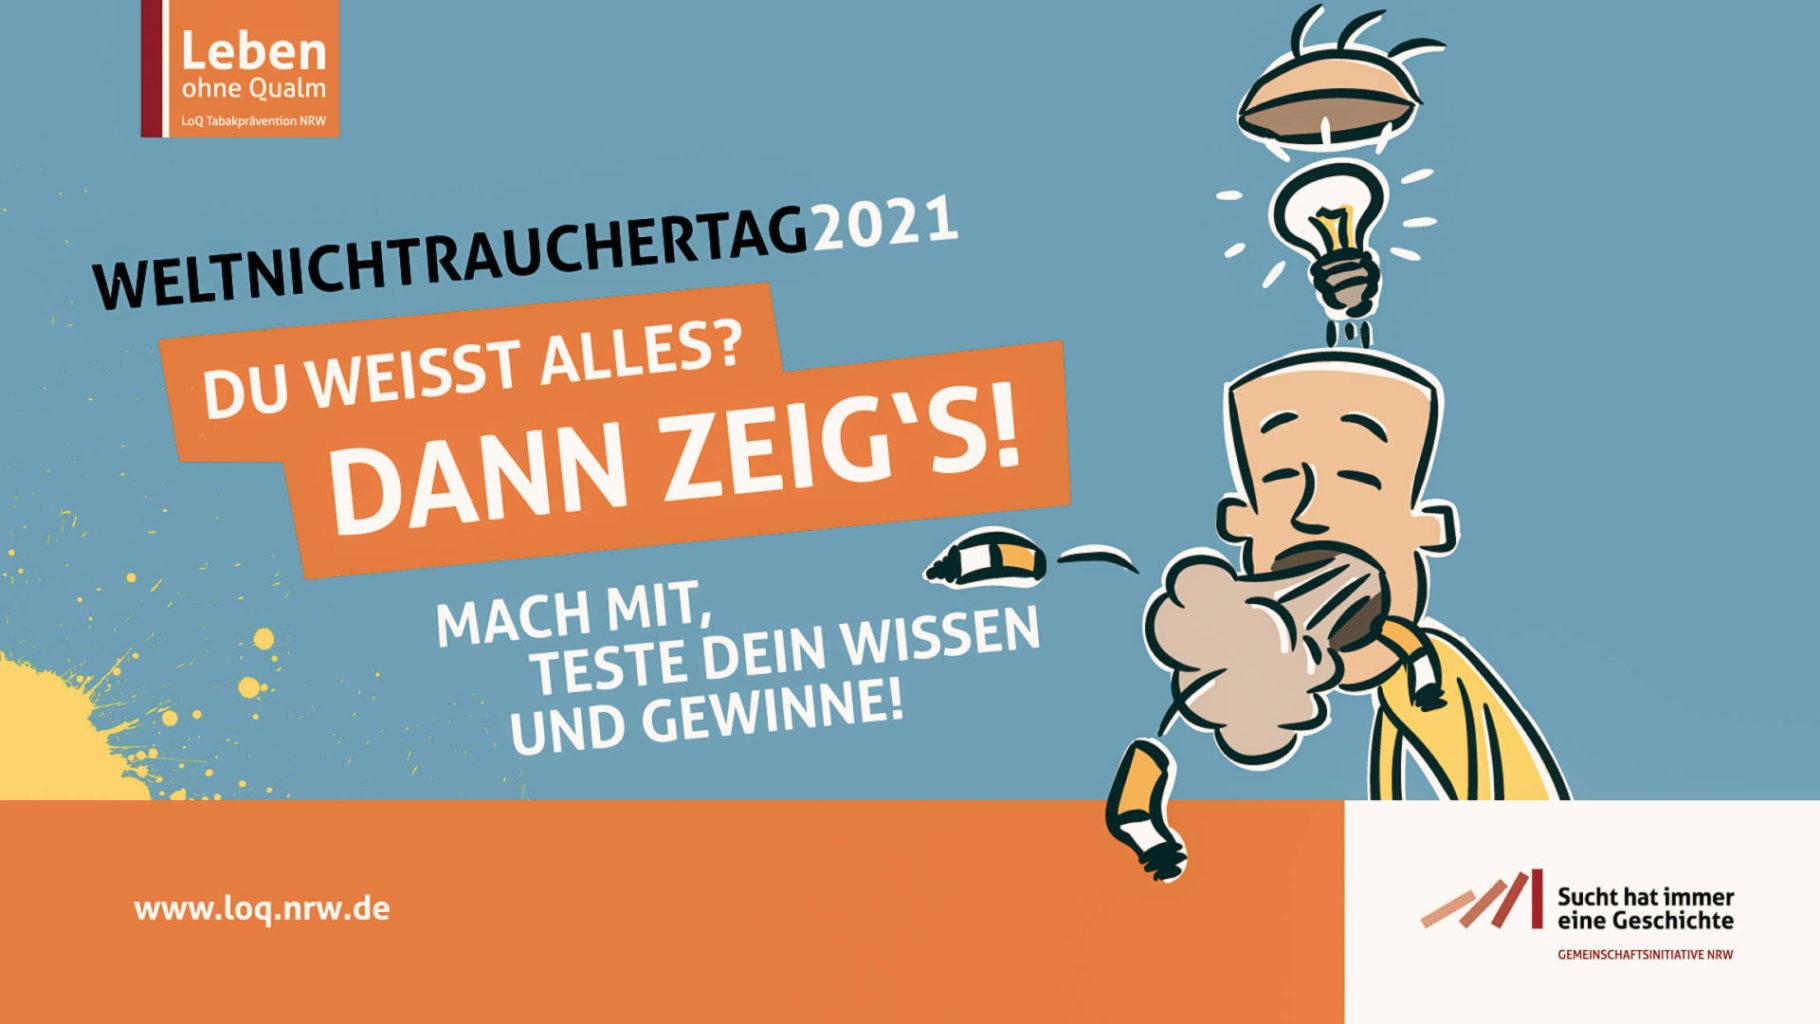 """Weltnichtrauchertag: Initiative """"Leben ohne Qualm"""" digital"""